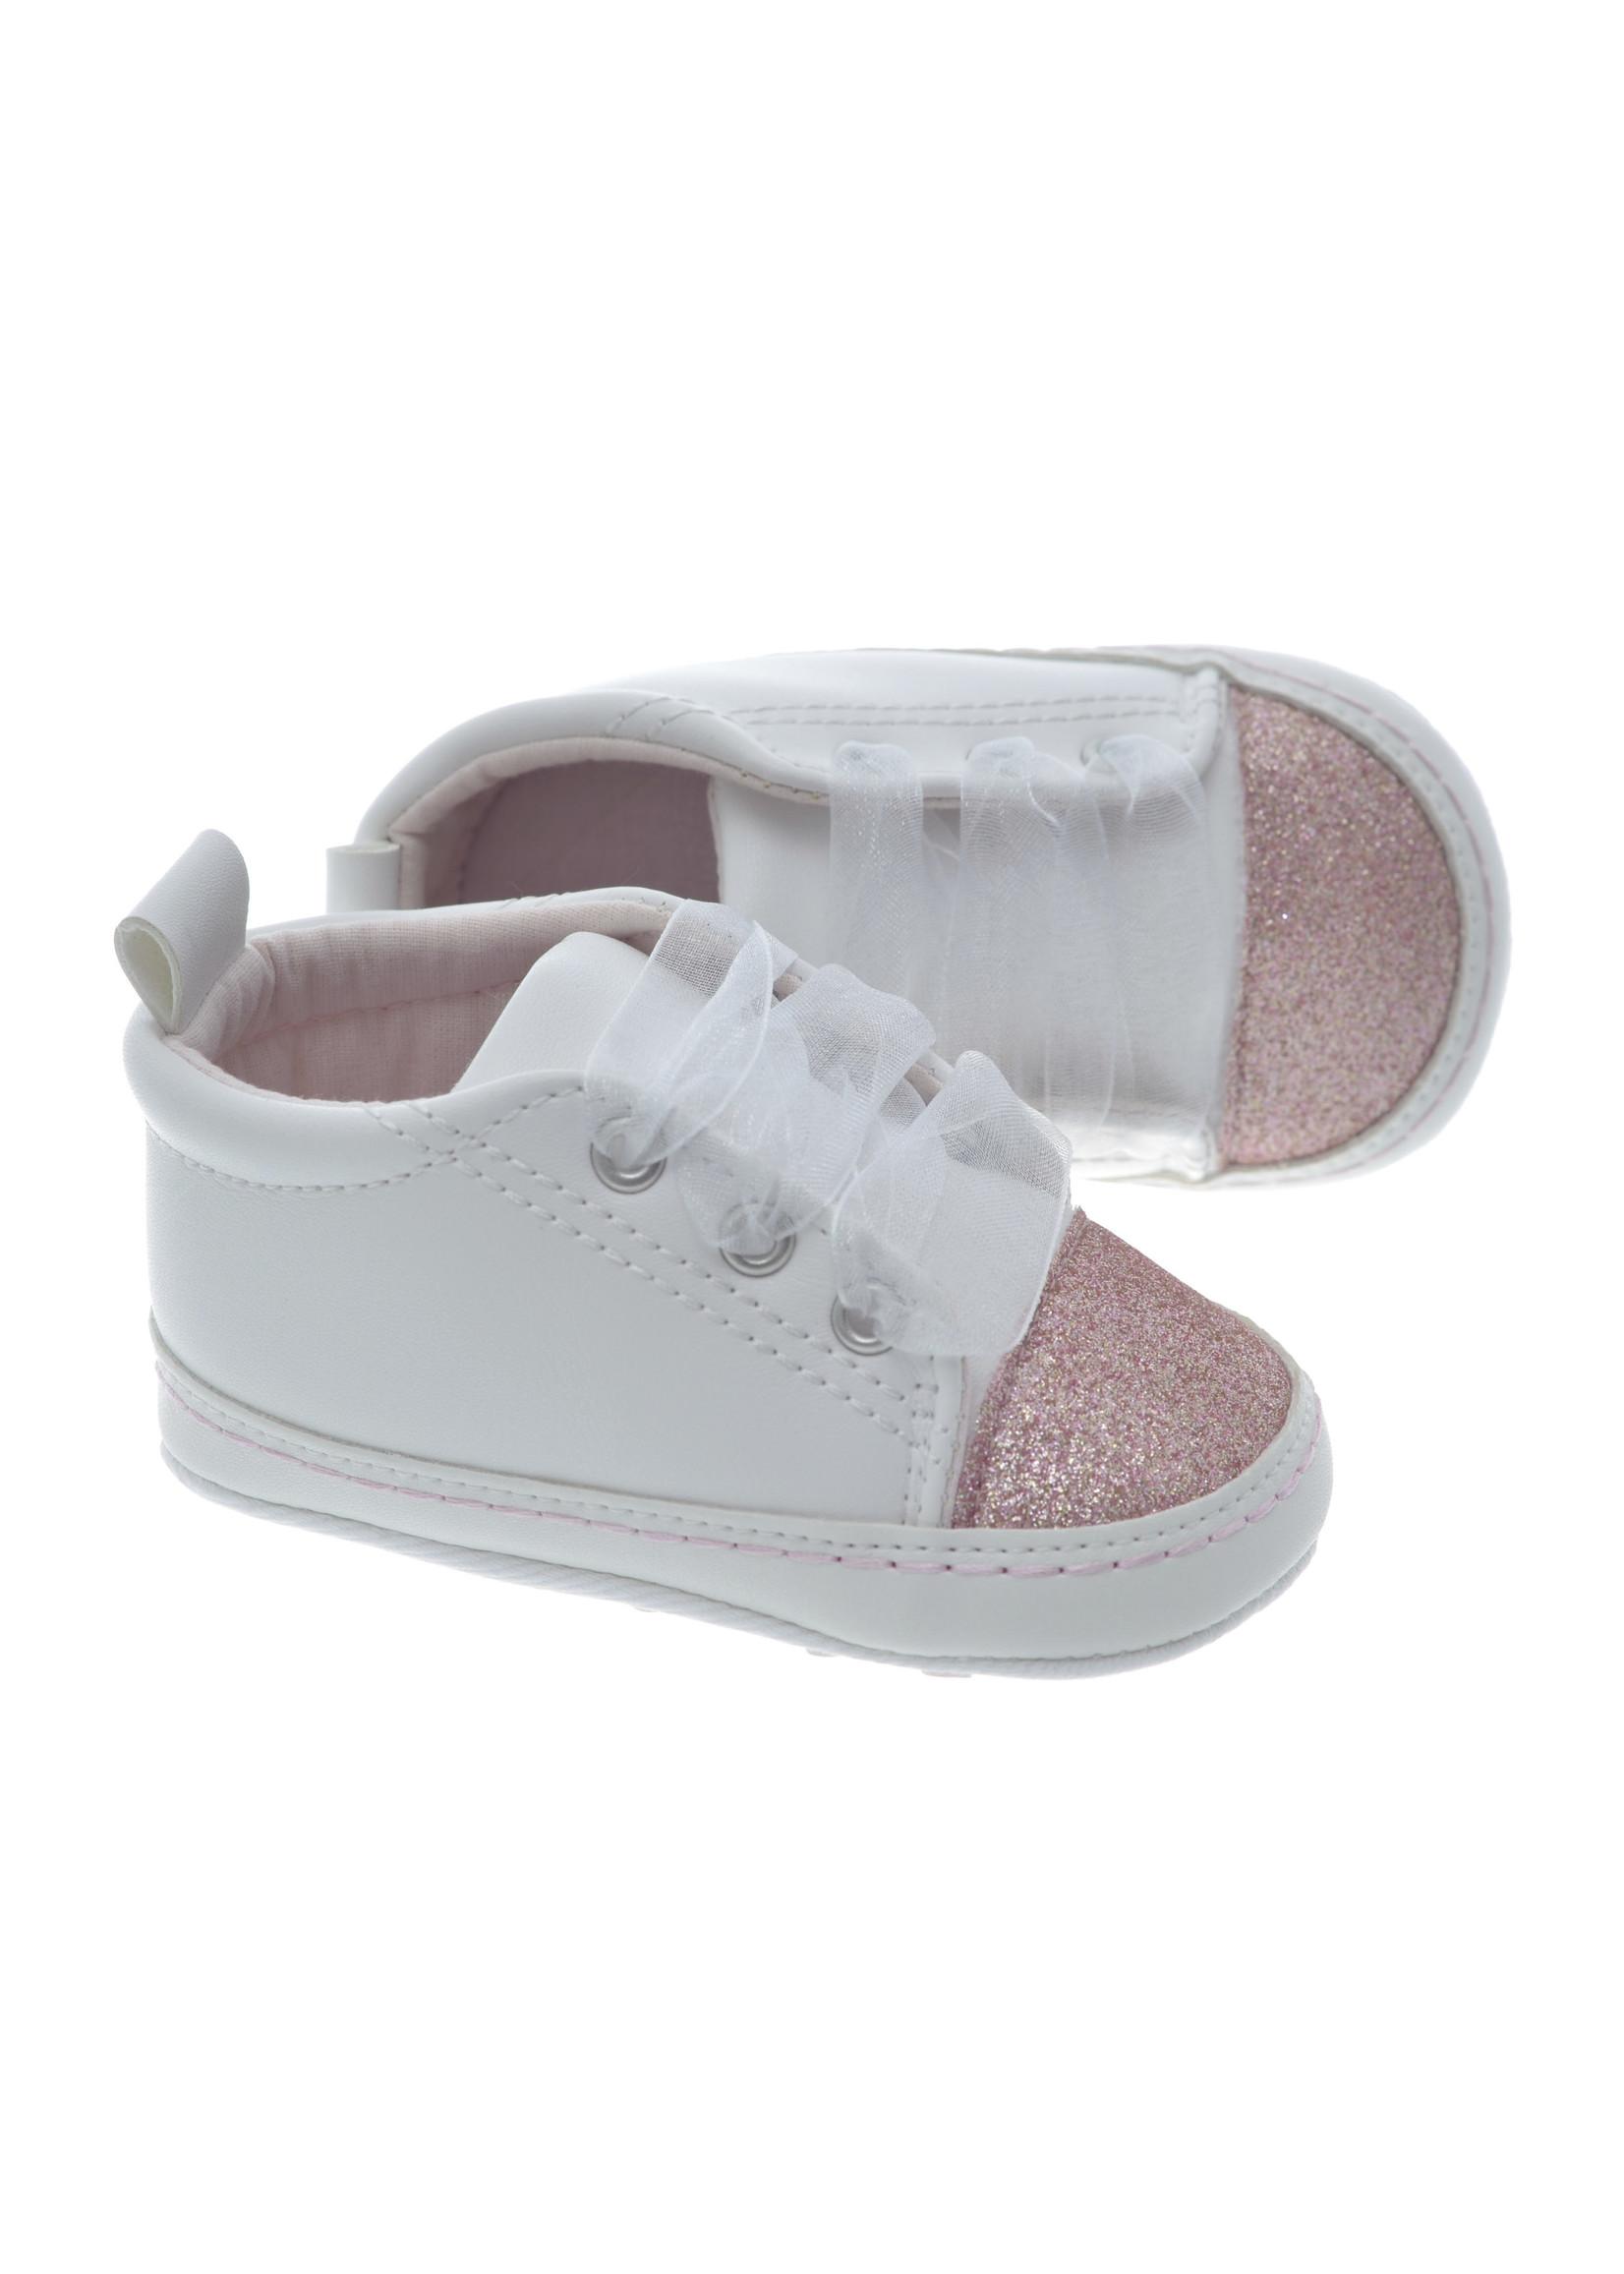 EMC EMC shoes wit met roze glitters